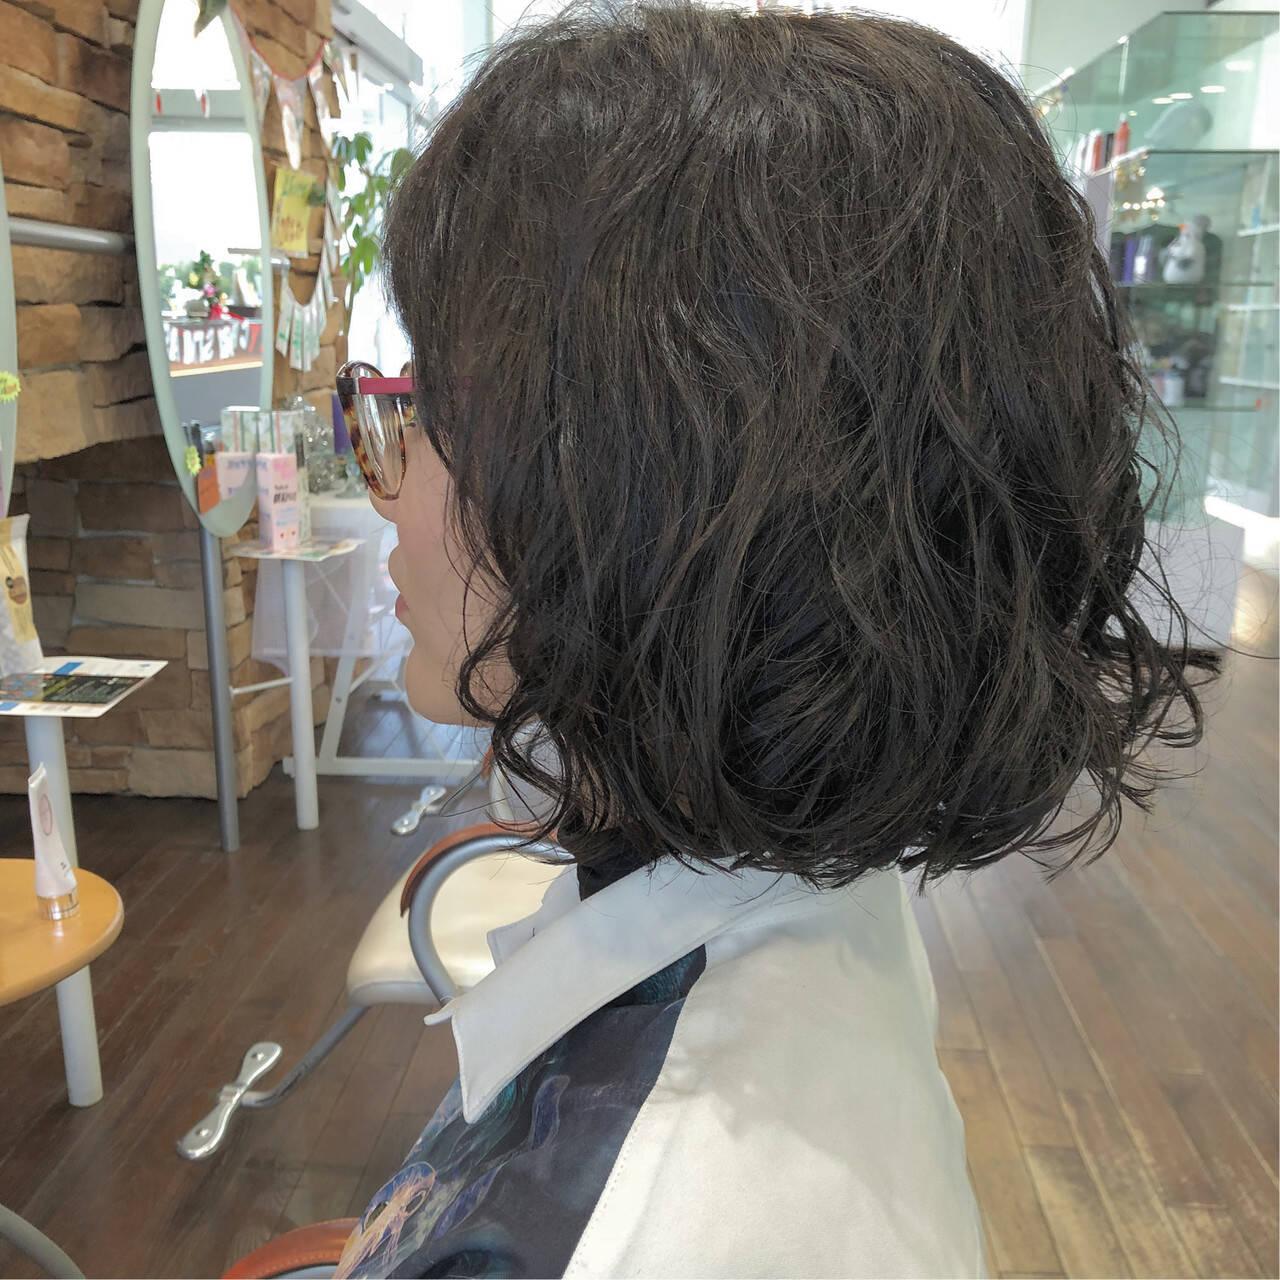 ナチュラル ボブ パーマ 大人女子ヘアスタイルや髪型の写真・画像